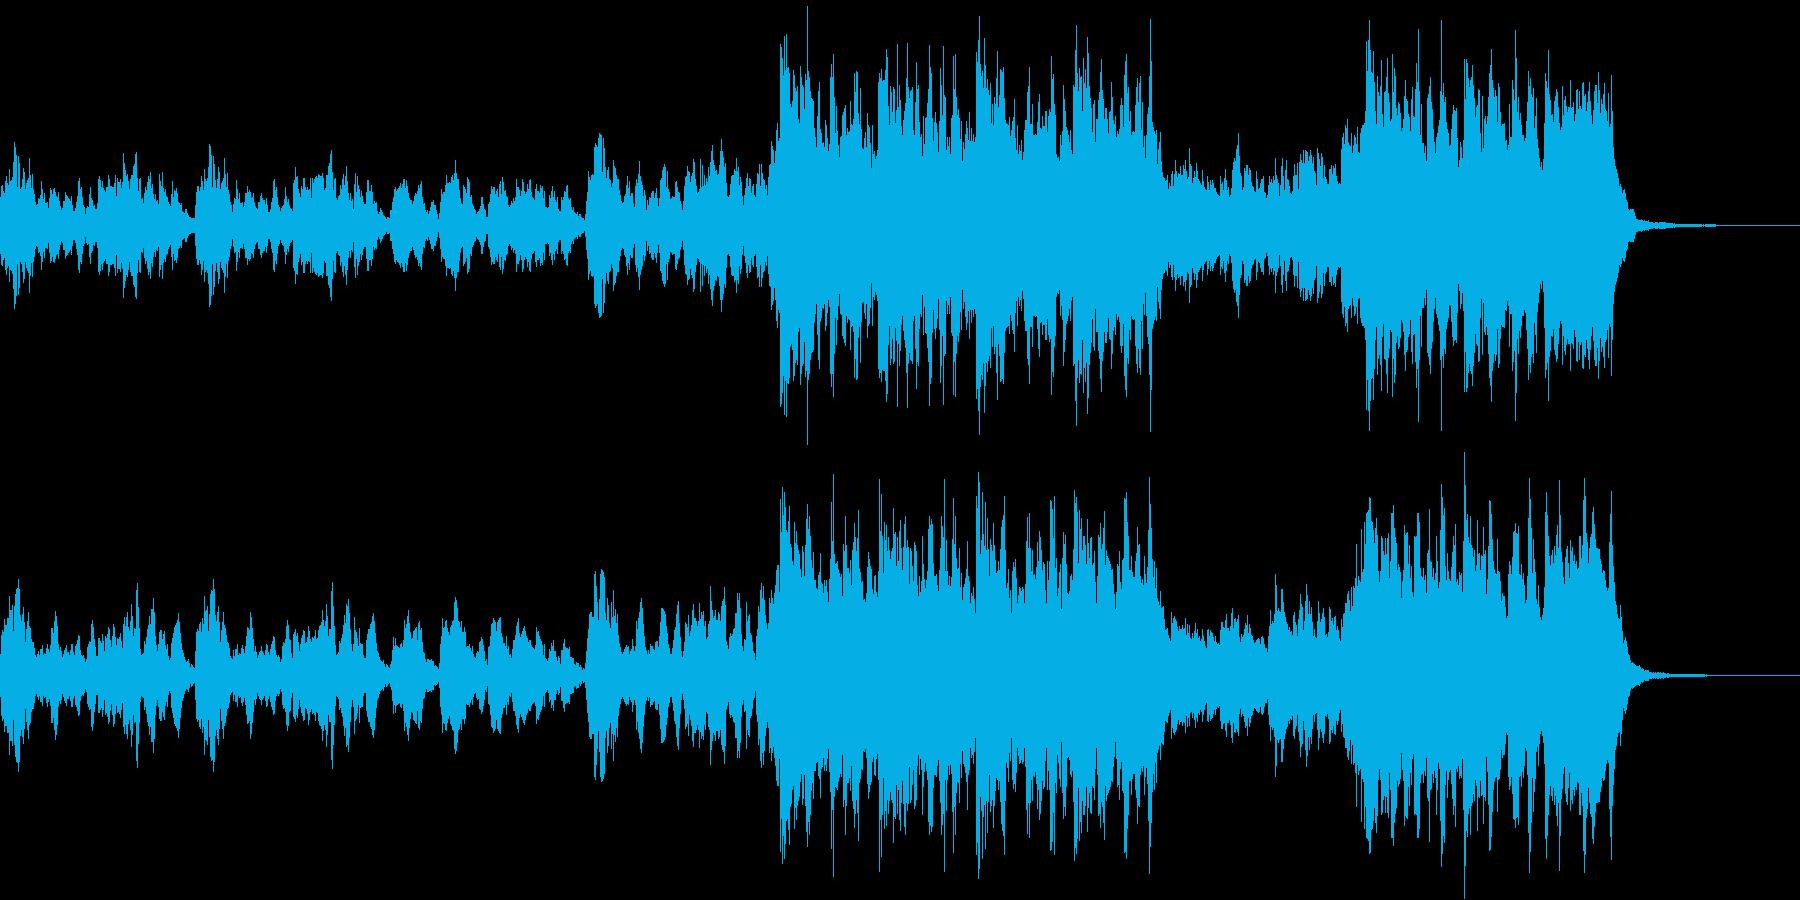 クリスマス定番曲「ひいらぎかざろう」の再生済みの波形